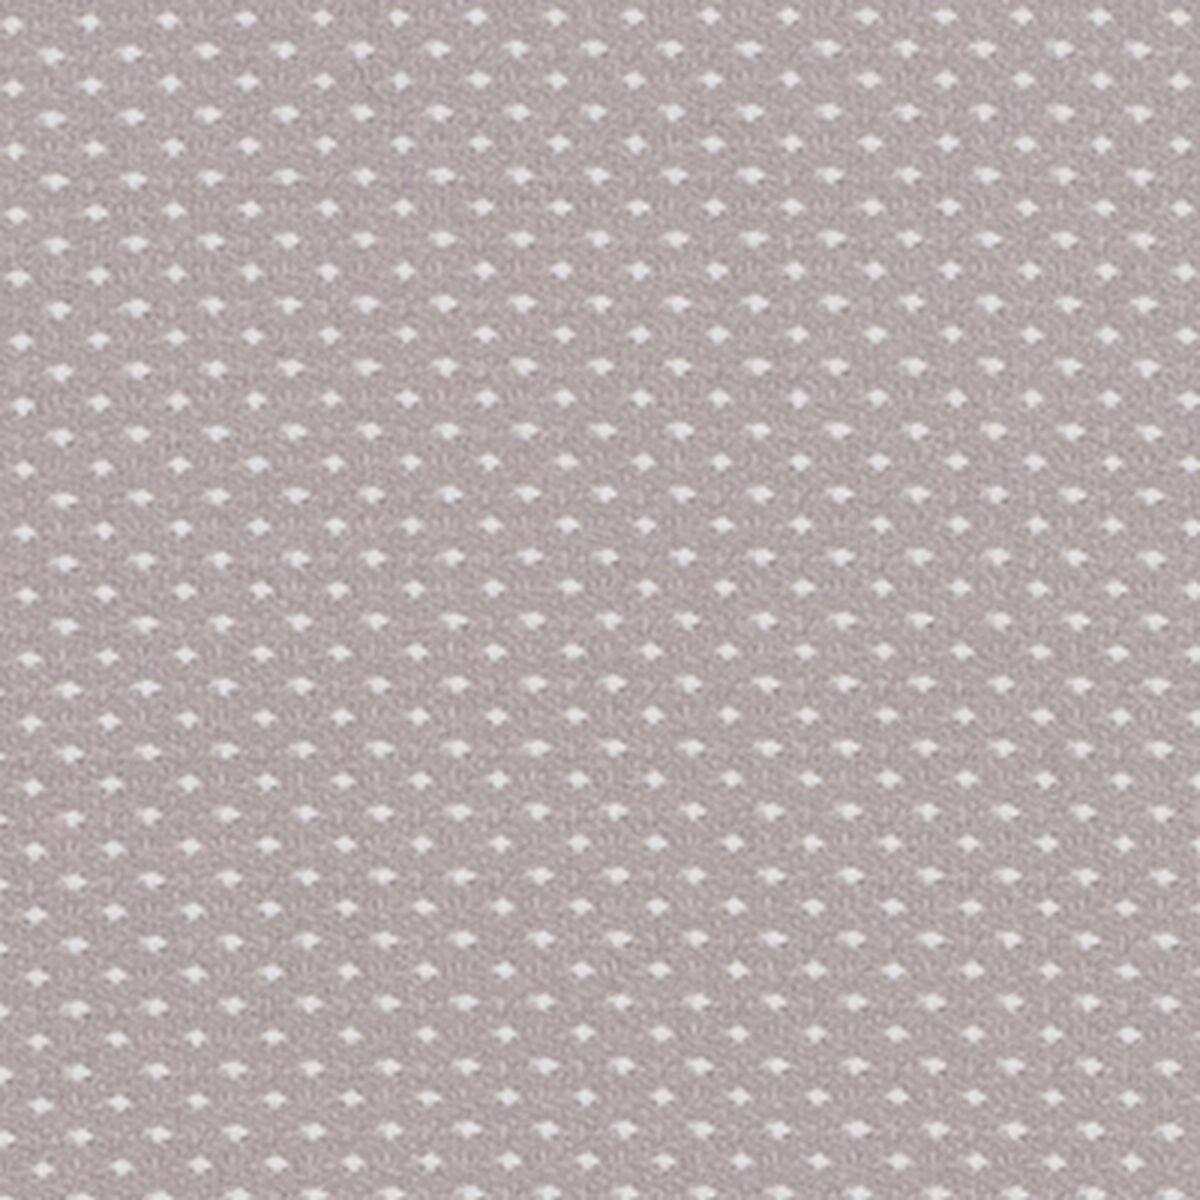 gray dot fabric church chair fd ch0221 4 sv gydot gg bizchair com